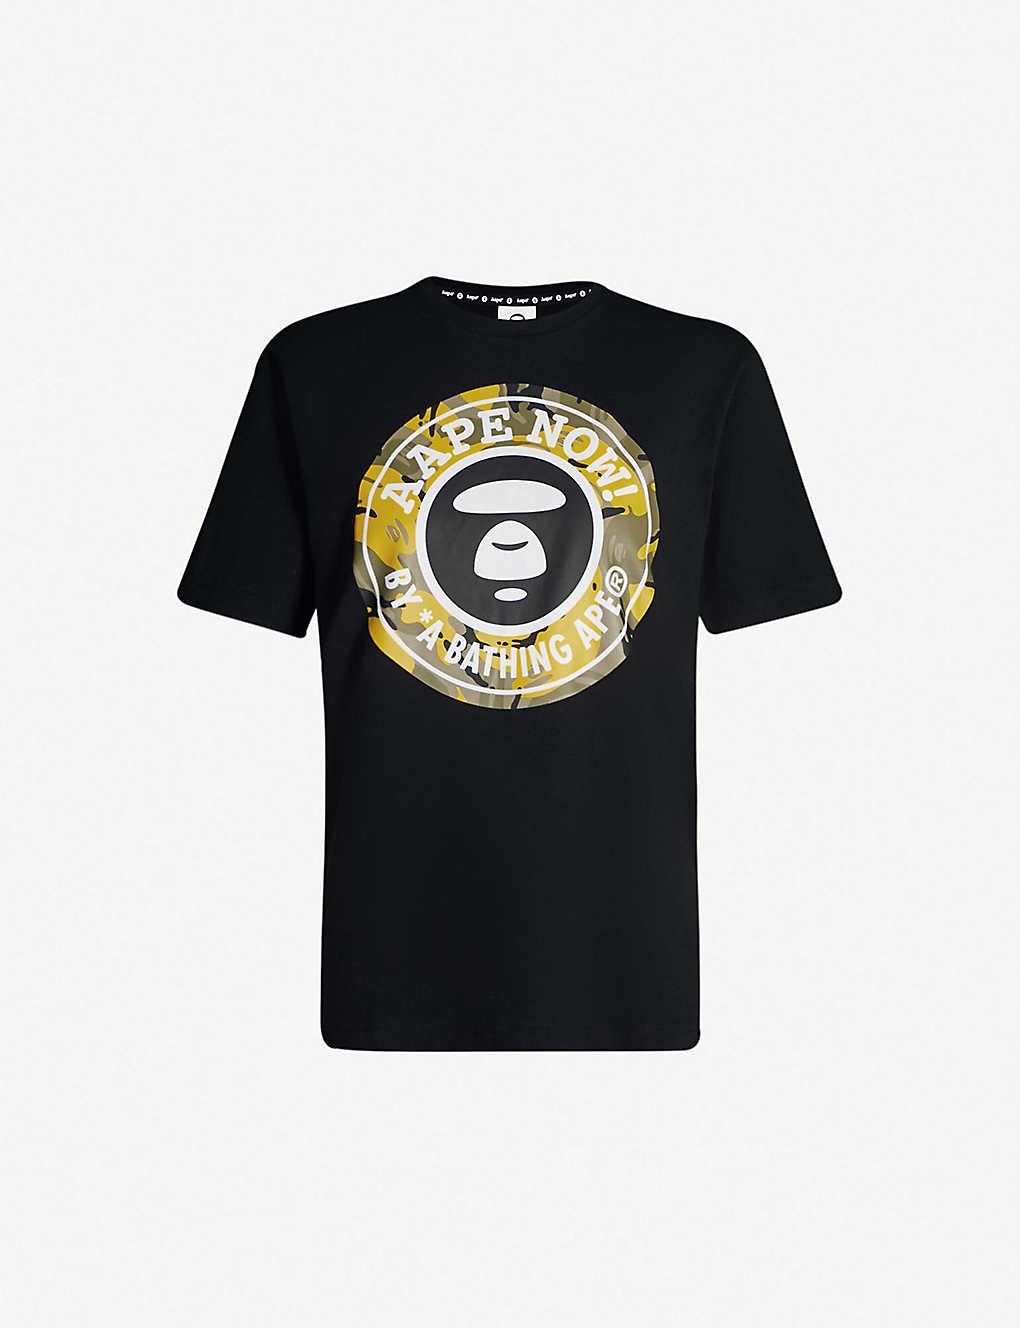 AAPE - Aape Now logo-print cotton-jersey T-shirt  7b884ccee